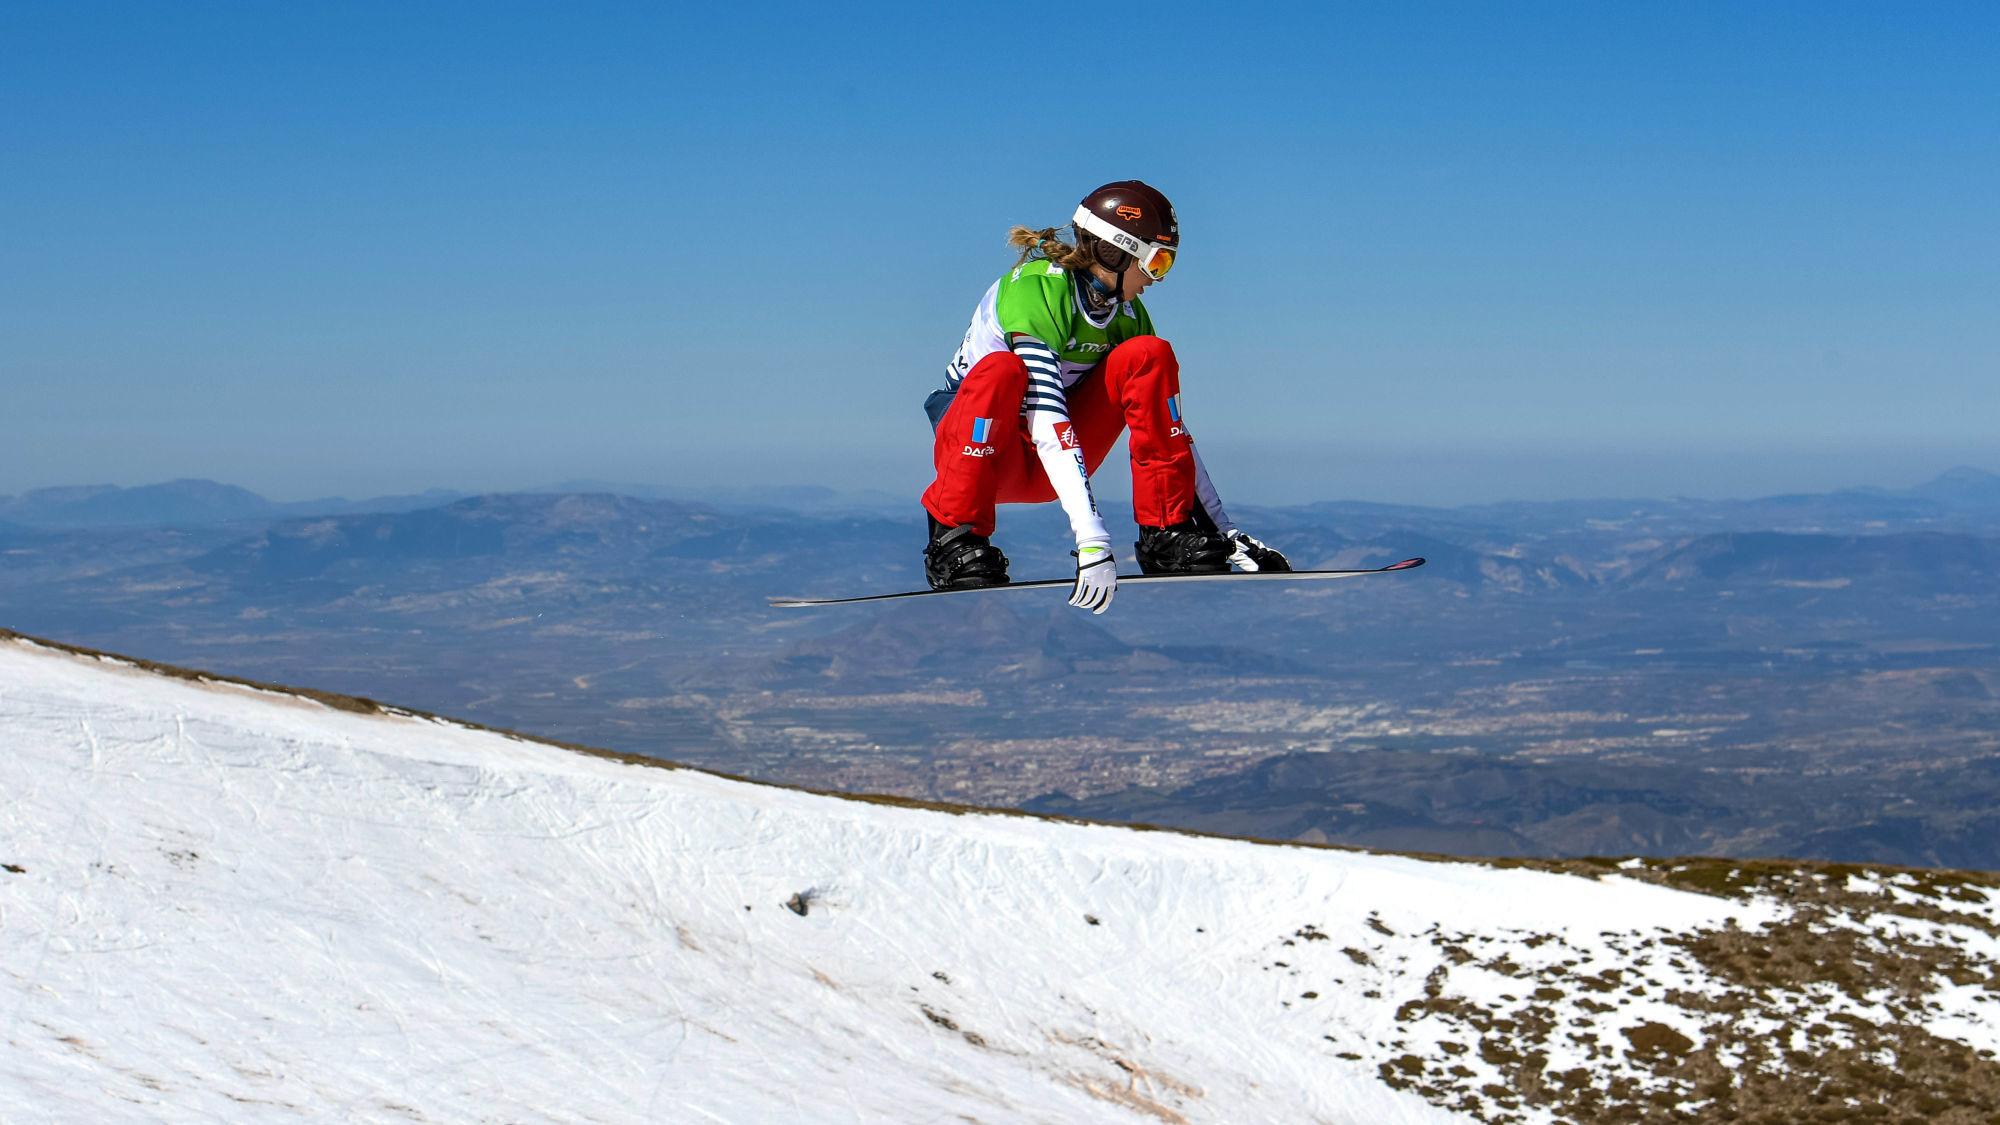 La snowboardeuse française Chloé Trespeuch nous dévoile son programme de renforcement musculaire pour tout le corps à réaliser pendant le confinement.